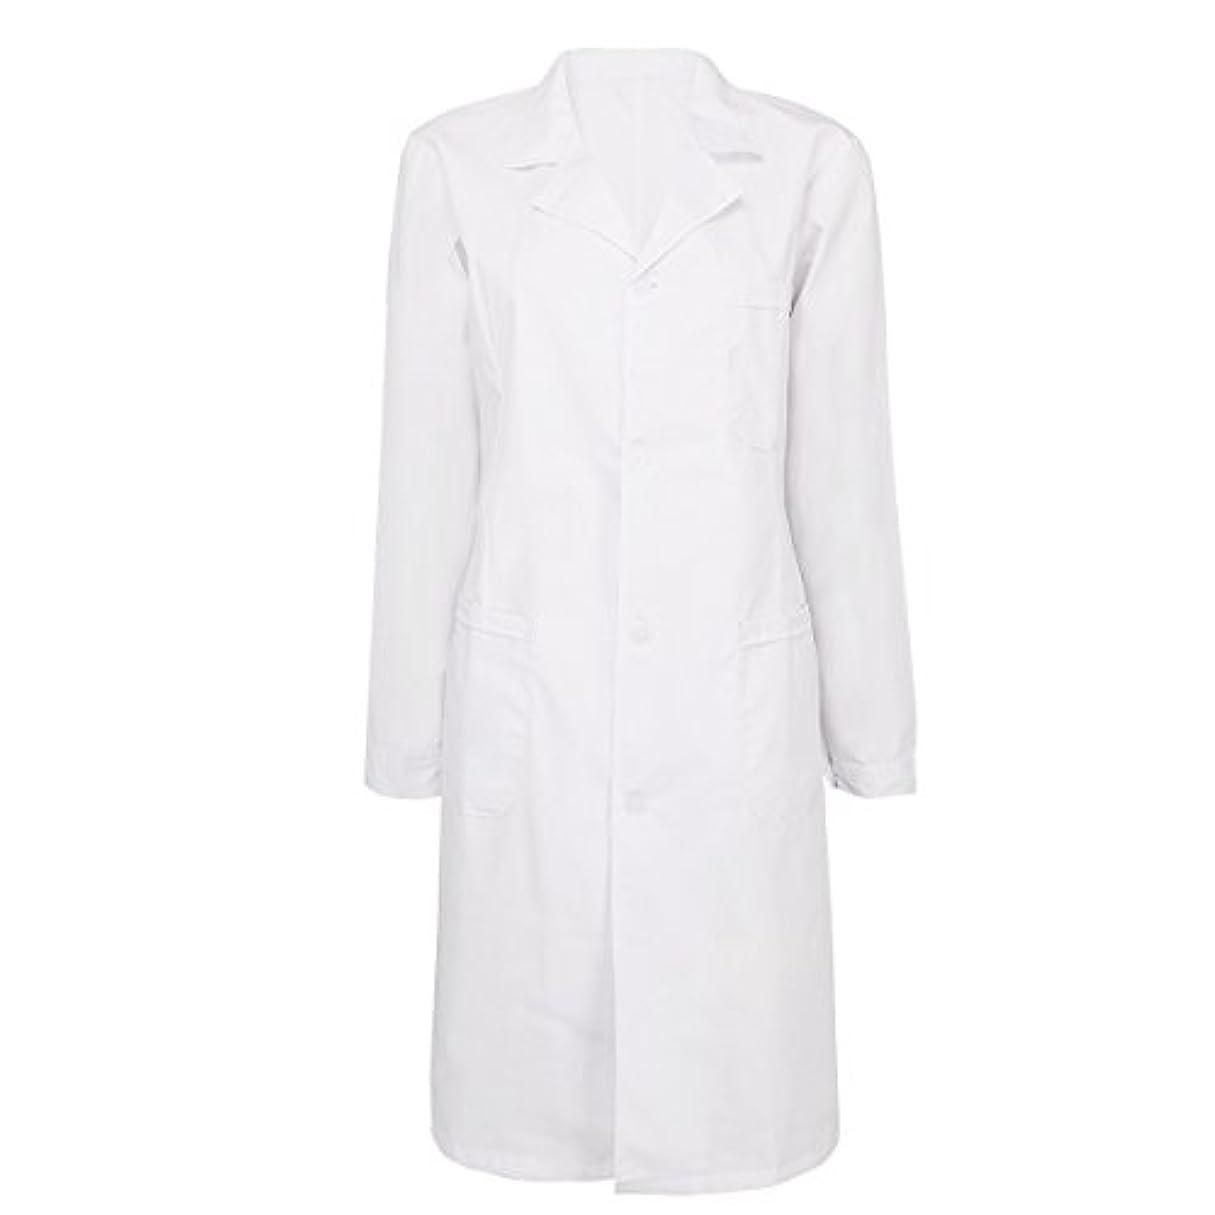 クラフト一過性不要(フィーショー)FEESHOW レディース用 メンズ用 白衣 ドクター 医師診察衣 長袖 シングルボタン ロング丈 ホワイト 両脇ポケット付き